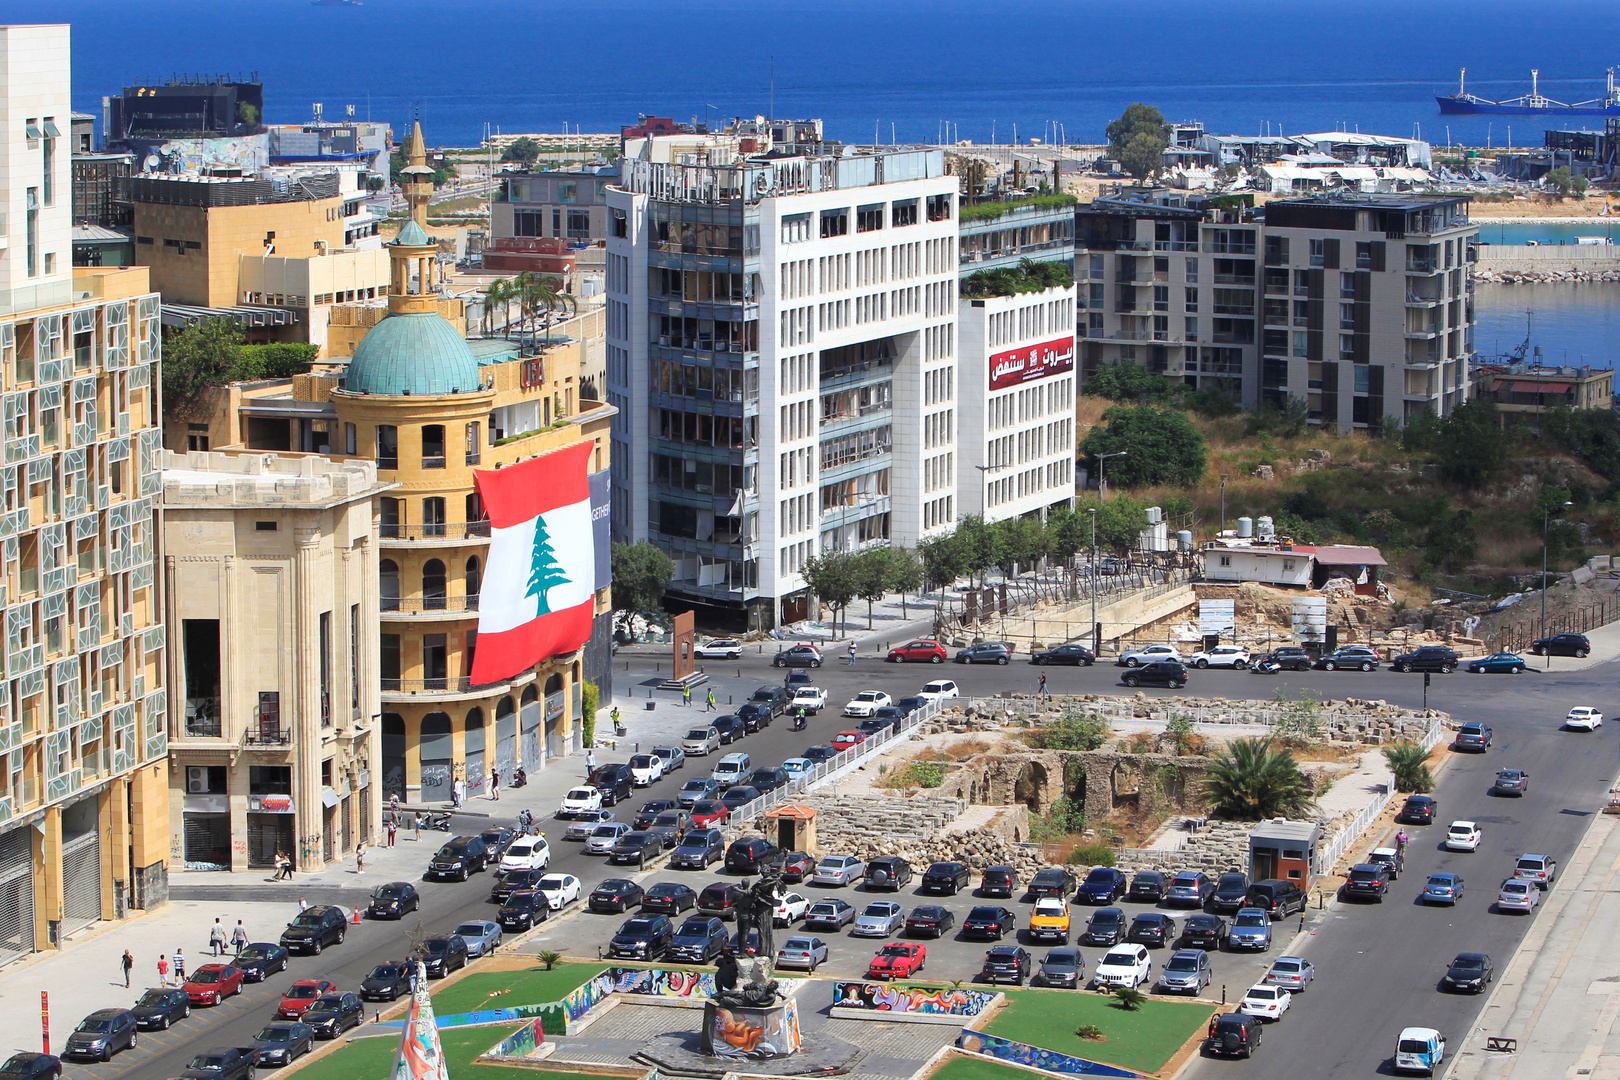 لبنان.. تلف حوالي 20 طنا من الحليب بعد انتهاء صلاحيتها في ظل المعاناة من ندرة هذه السلعة (صورة)